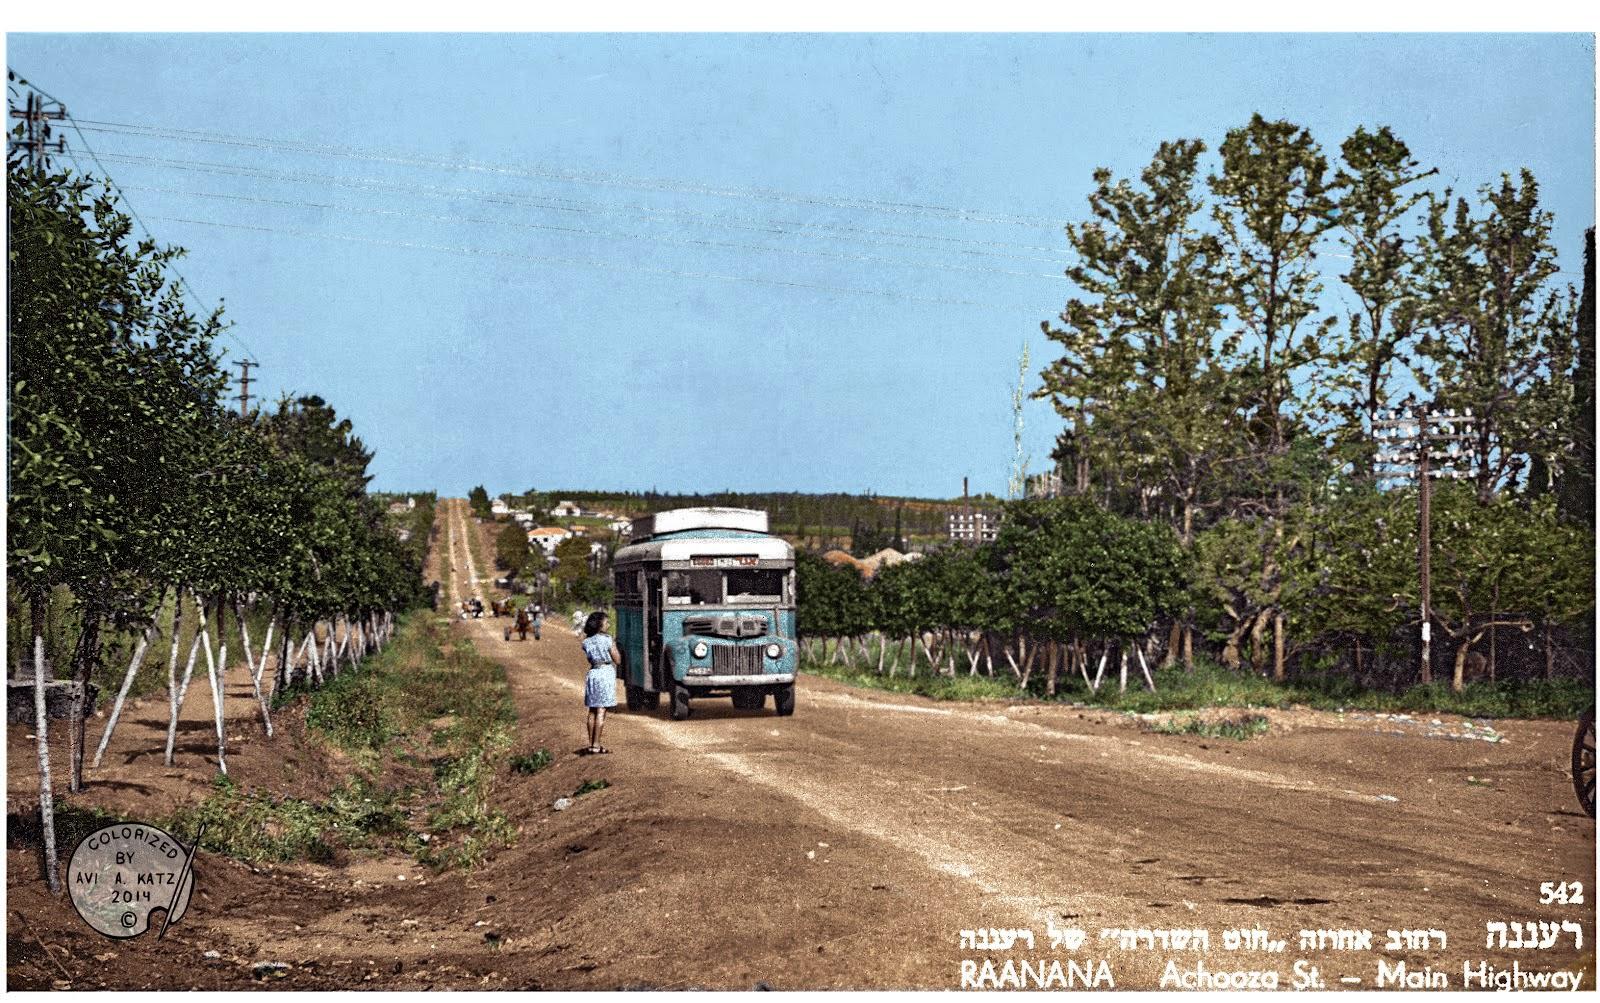 Raanana Israel  city photos : PAINTED BACK: Raanana Israel early 1950's